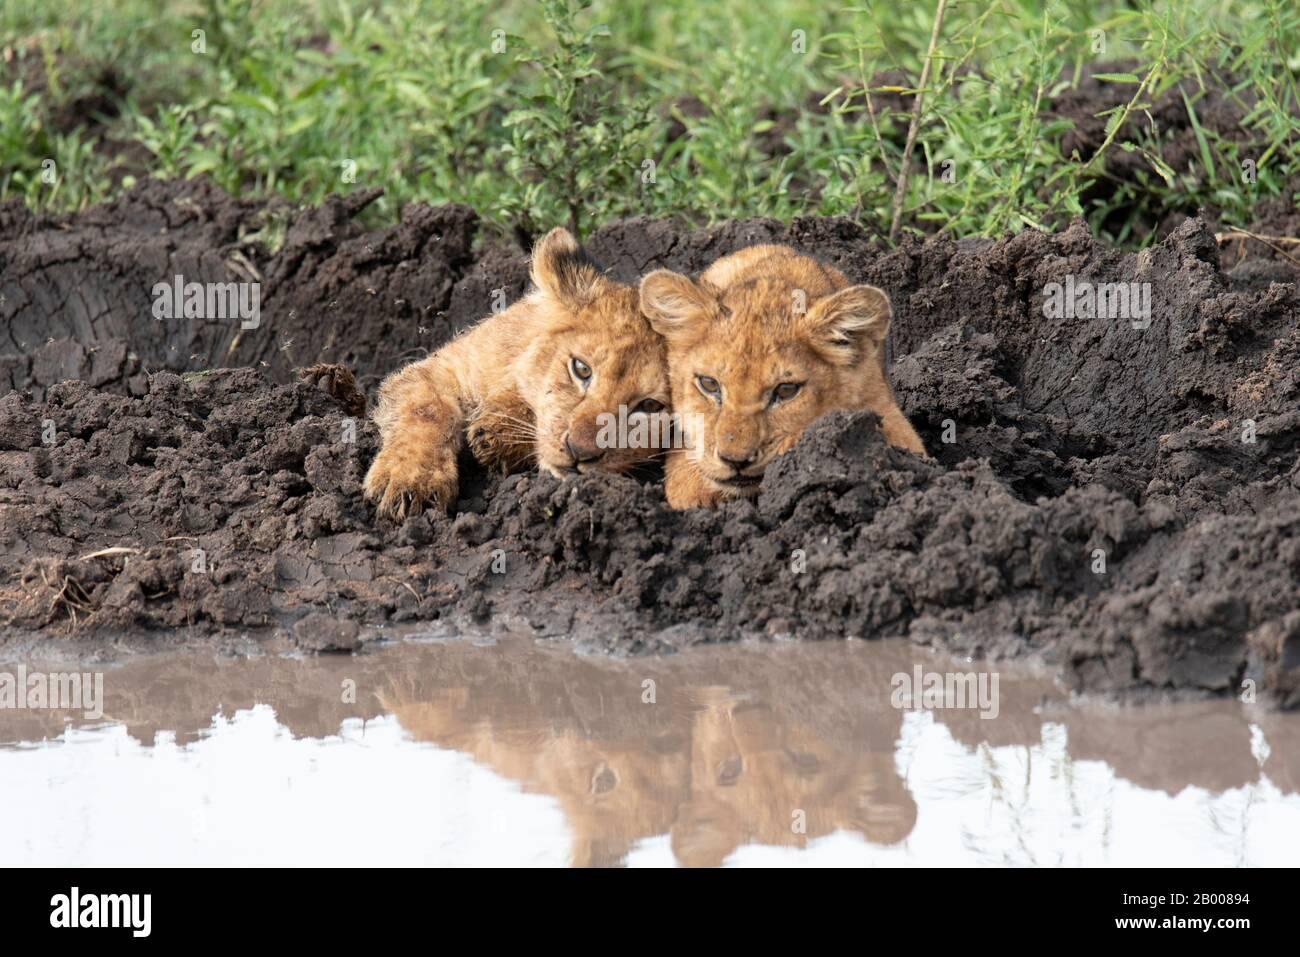 Ces bavoirs à motif lion sont tout simplement trop mignons Banque D'Images